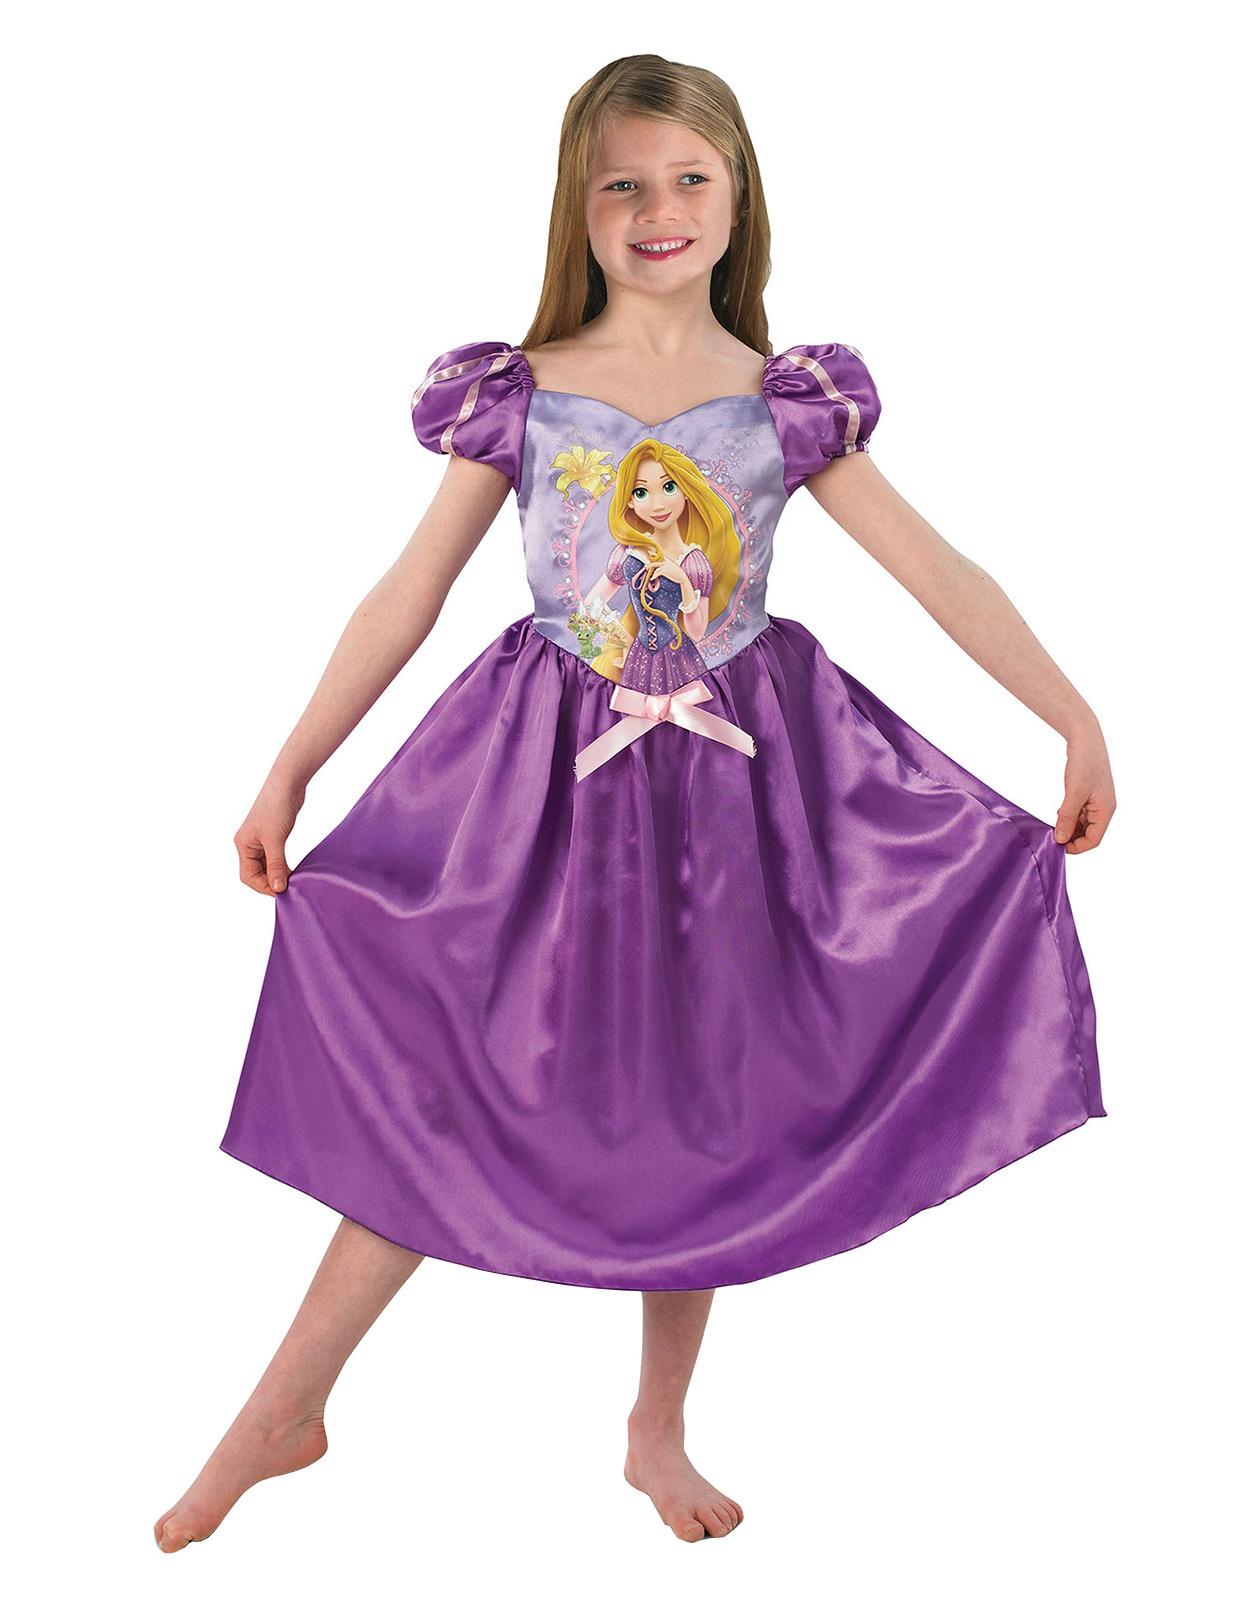 D guisement classique storytime raiponce fille deguise toi achat de d guisements enfants - Deguisement raiponce adulte ...